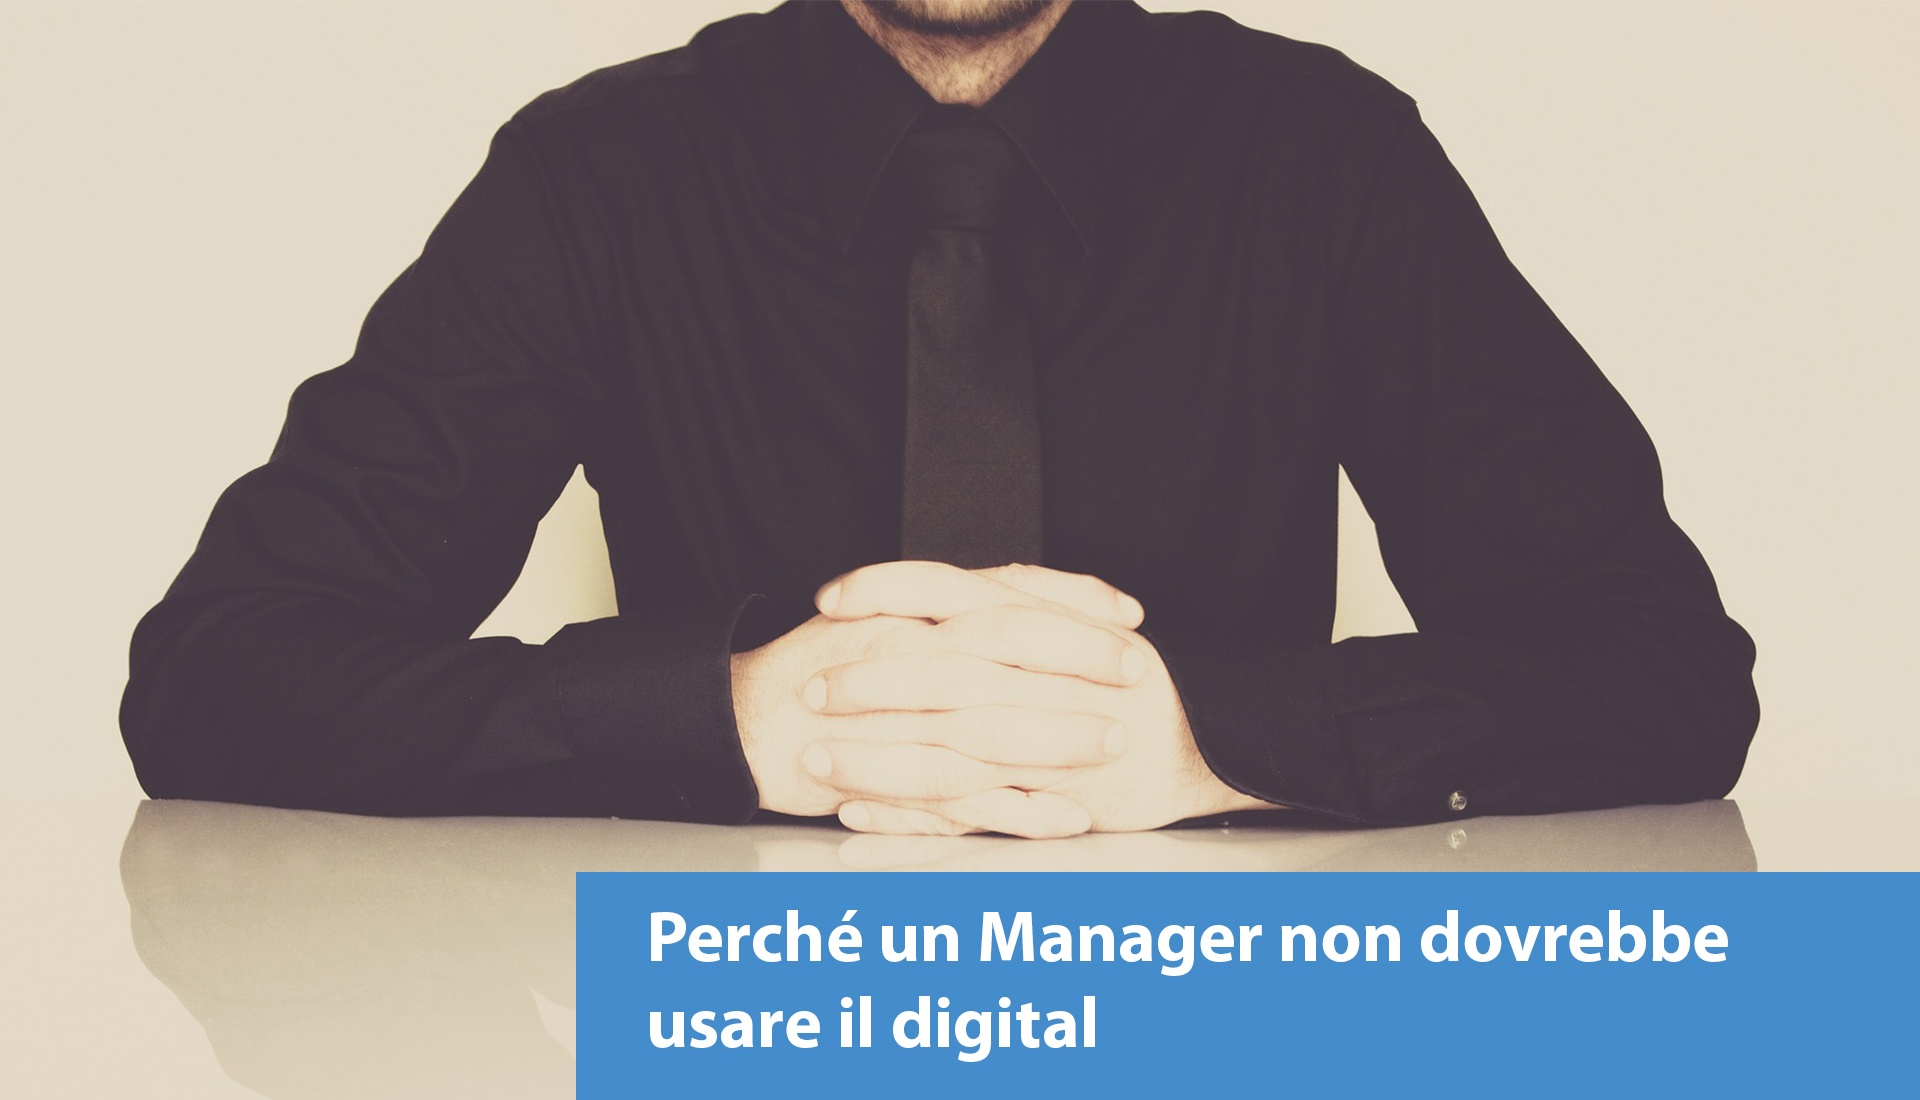 perche-un-manager-non-dovrebbe-usare-il-digital.jpg